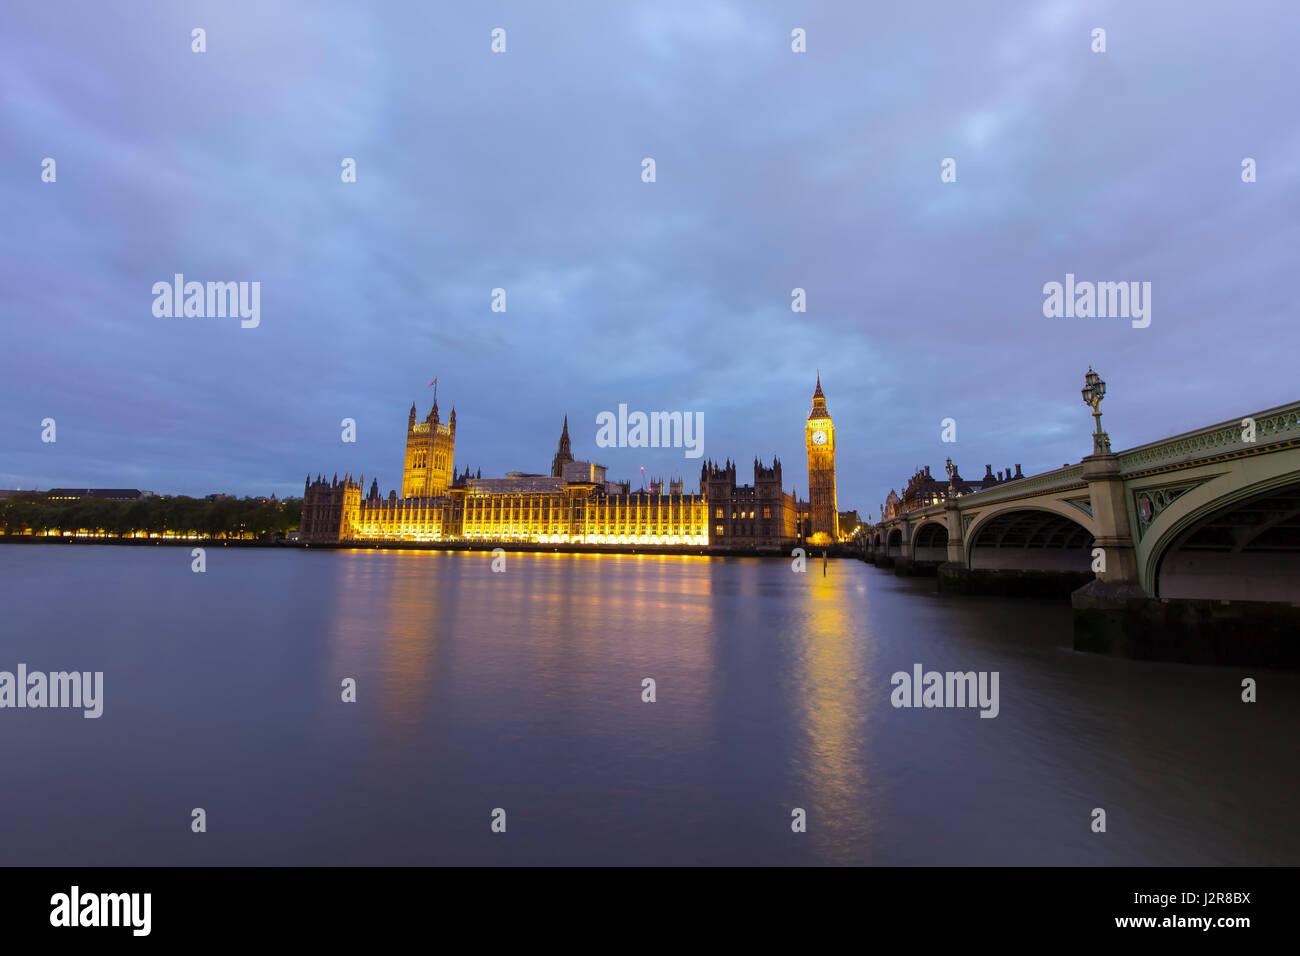 Blick auf den Turm von Big Ben und Parlament Gebäude über den Fluss Themse in Westminster, London. Foto Stockbild